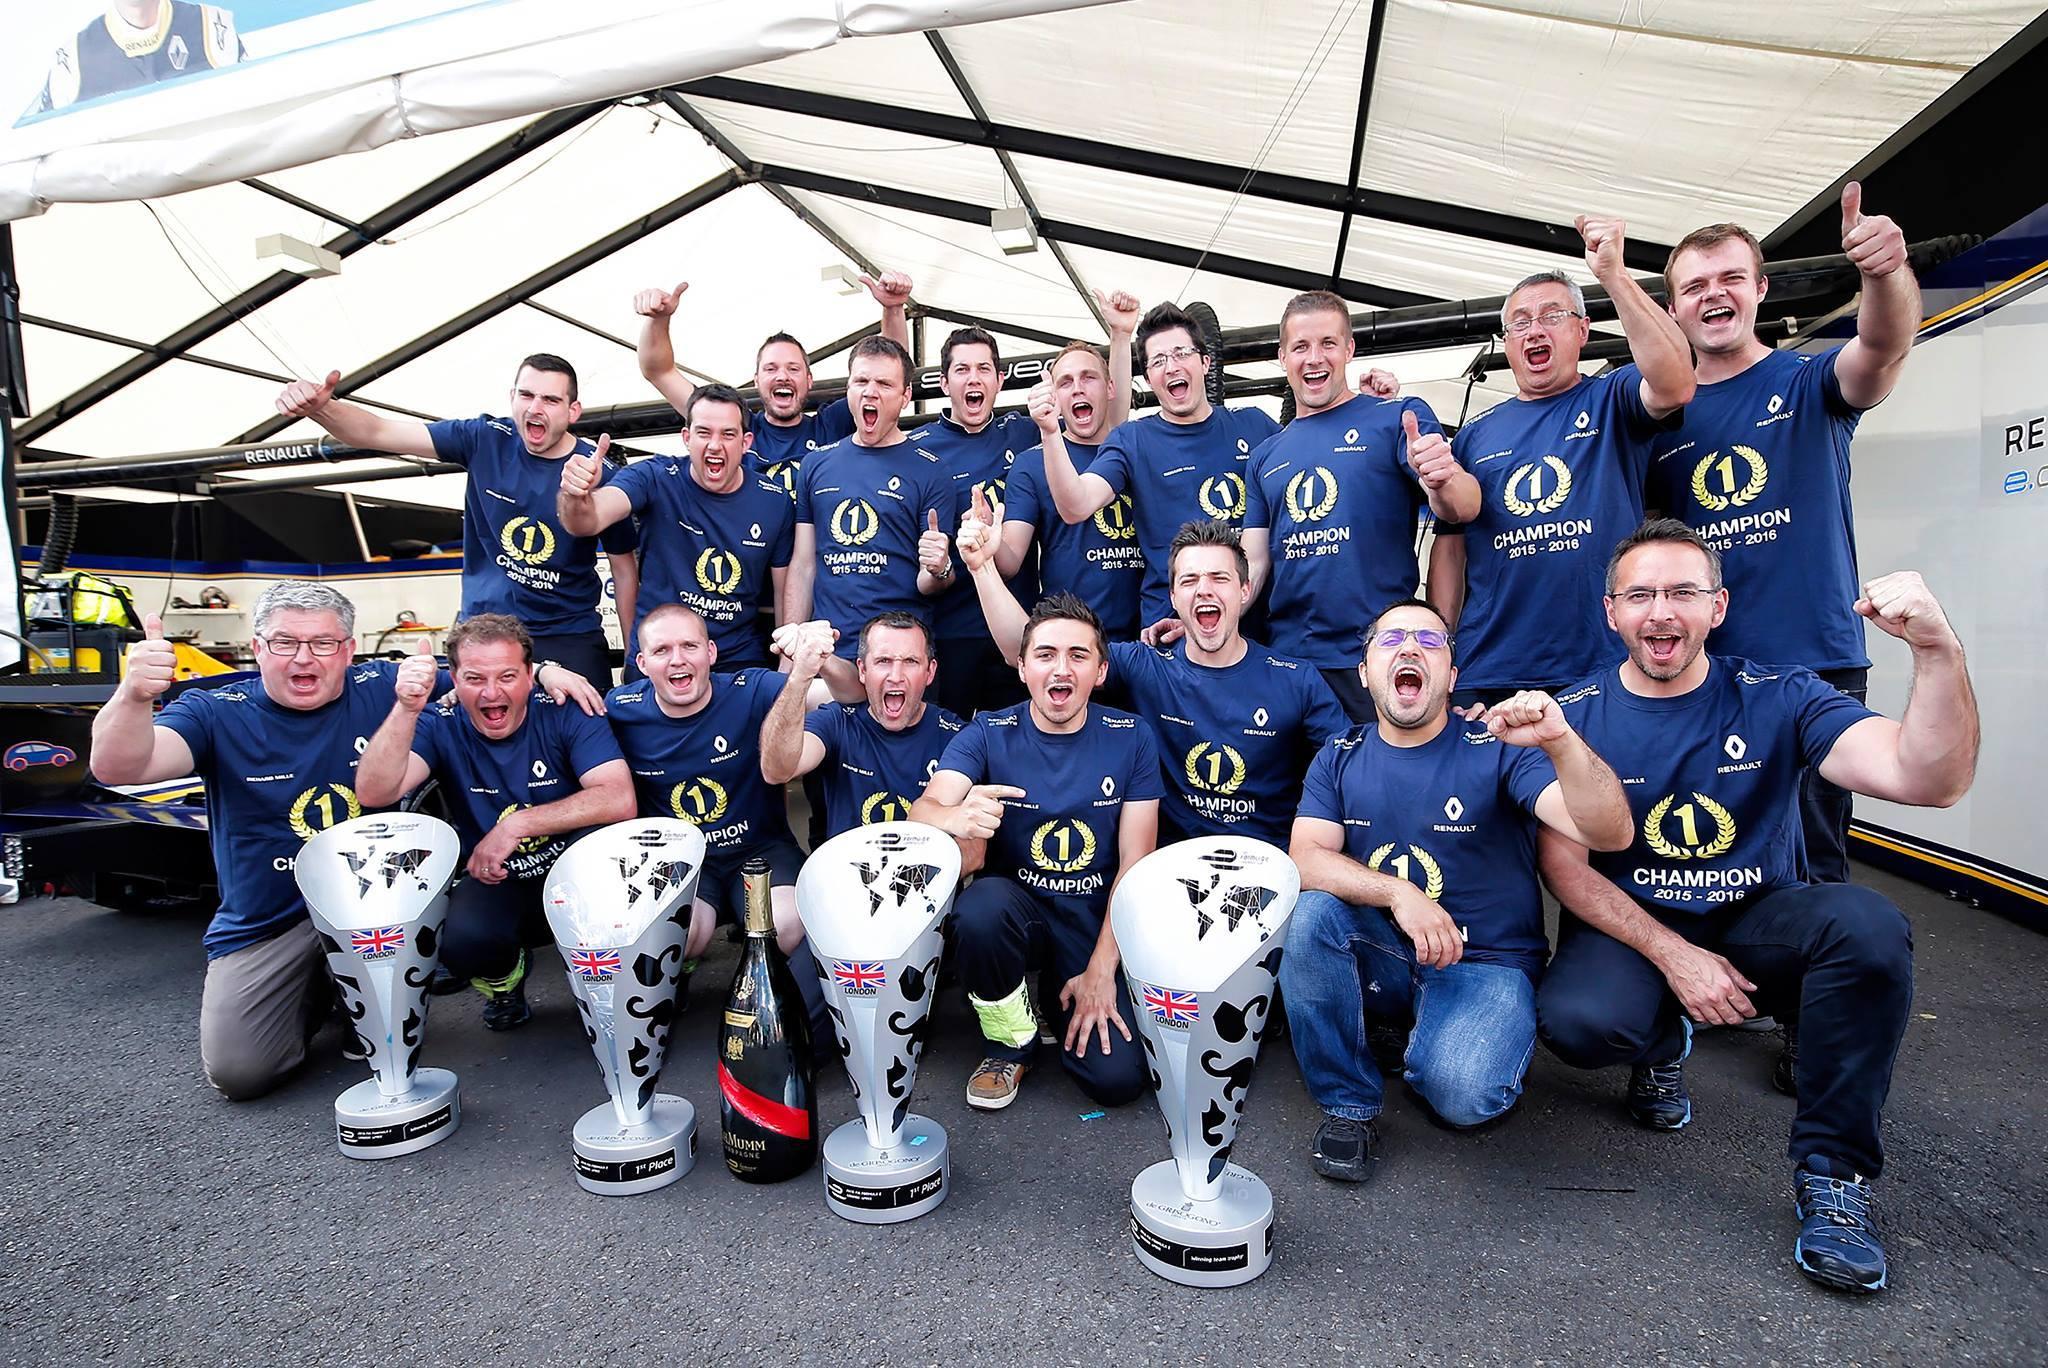 © Renault e.dams - L'équipe française parviendra t-elle à garder ses trophées à la fin de la troisième saison ?